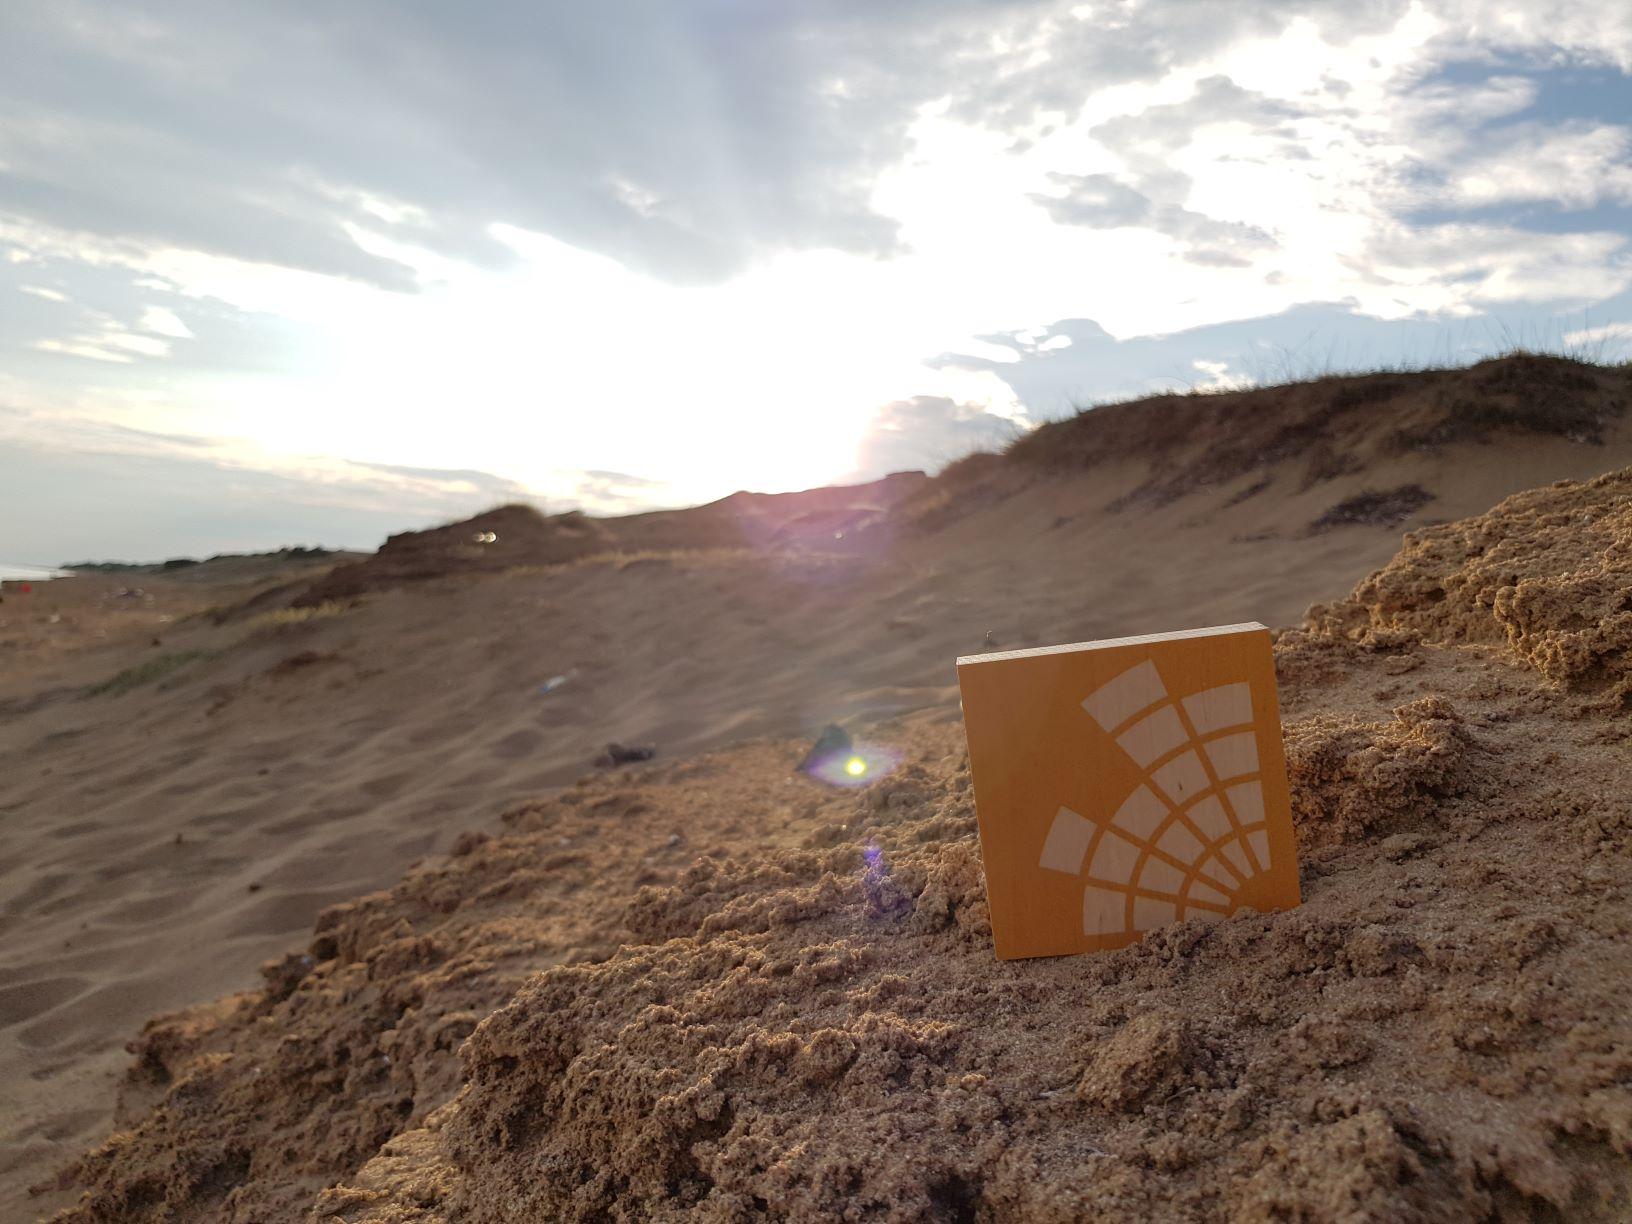 Holztafel mit Campusradio-Logo steckt in einem Berg von Sand